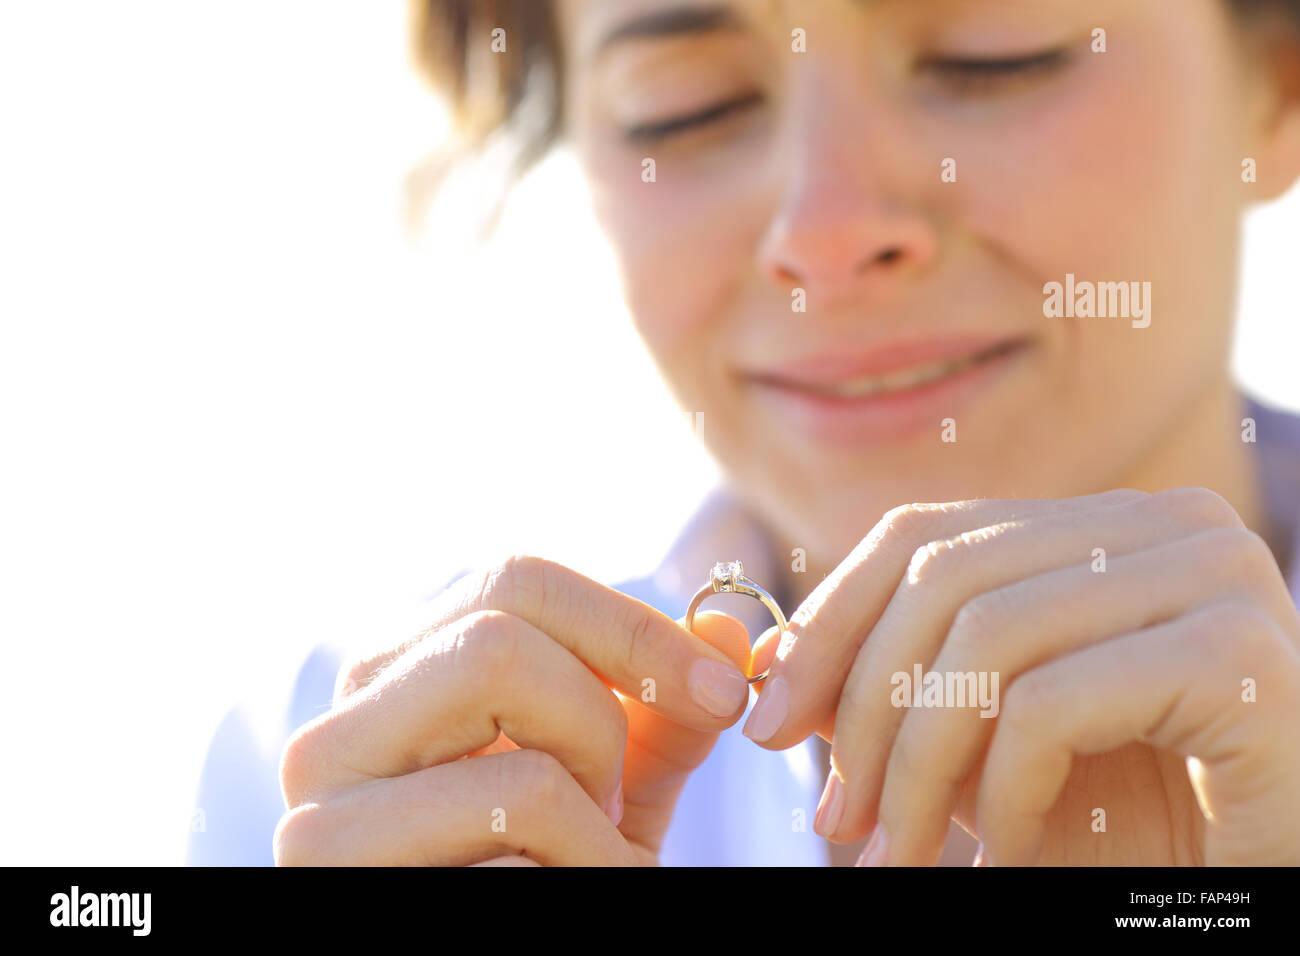 Triste petite amie pleurer tandis qu'est à sa bague de fiançailles Photo Stock